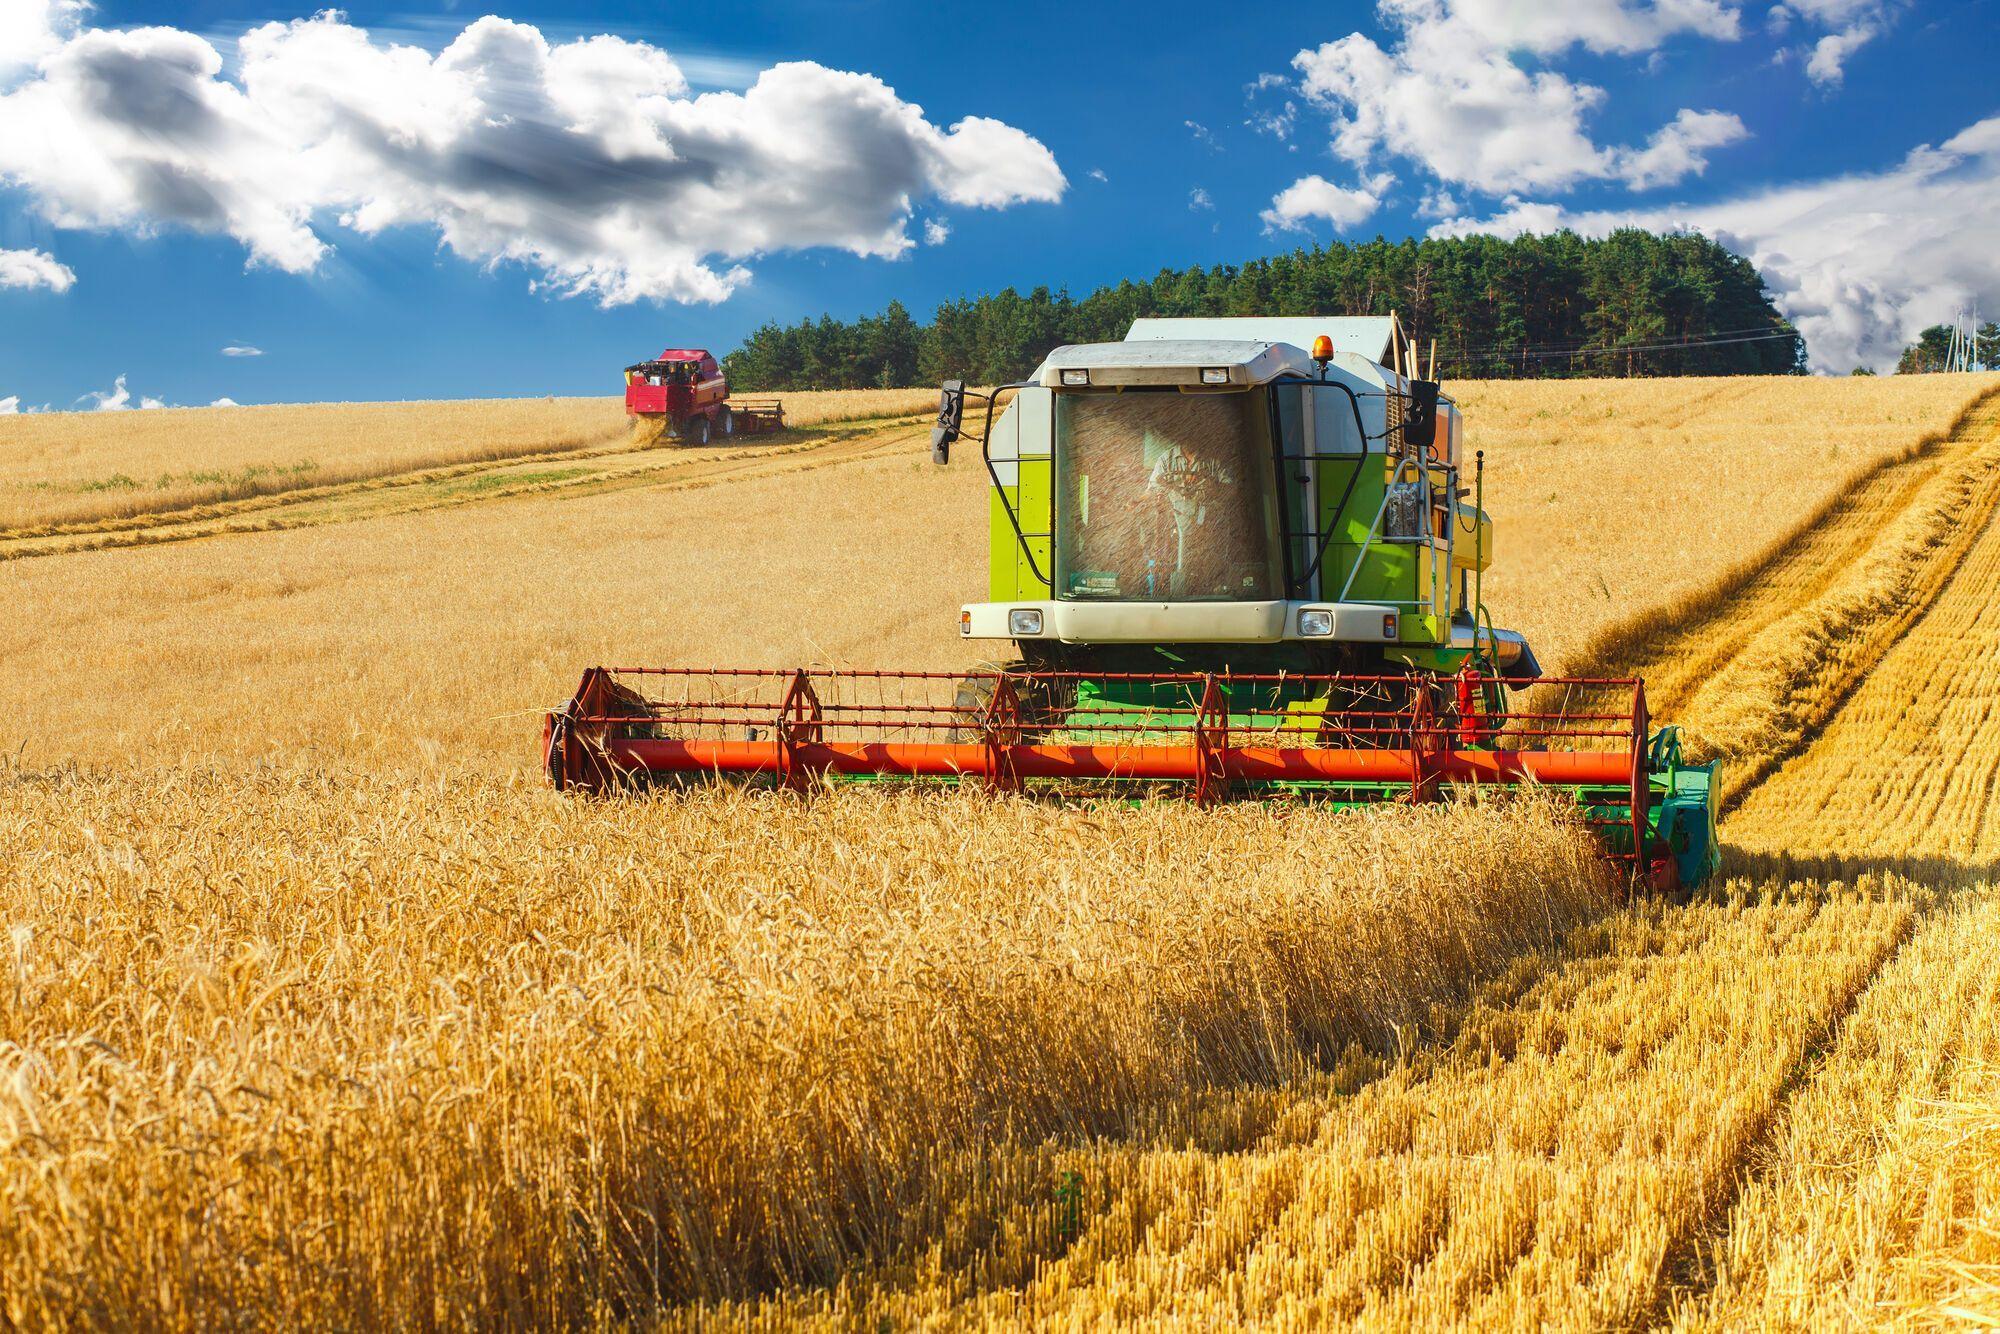 День работников сельского хозяйства в Украине: когда отмечают